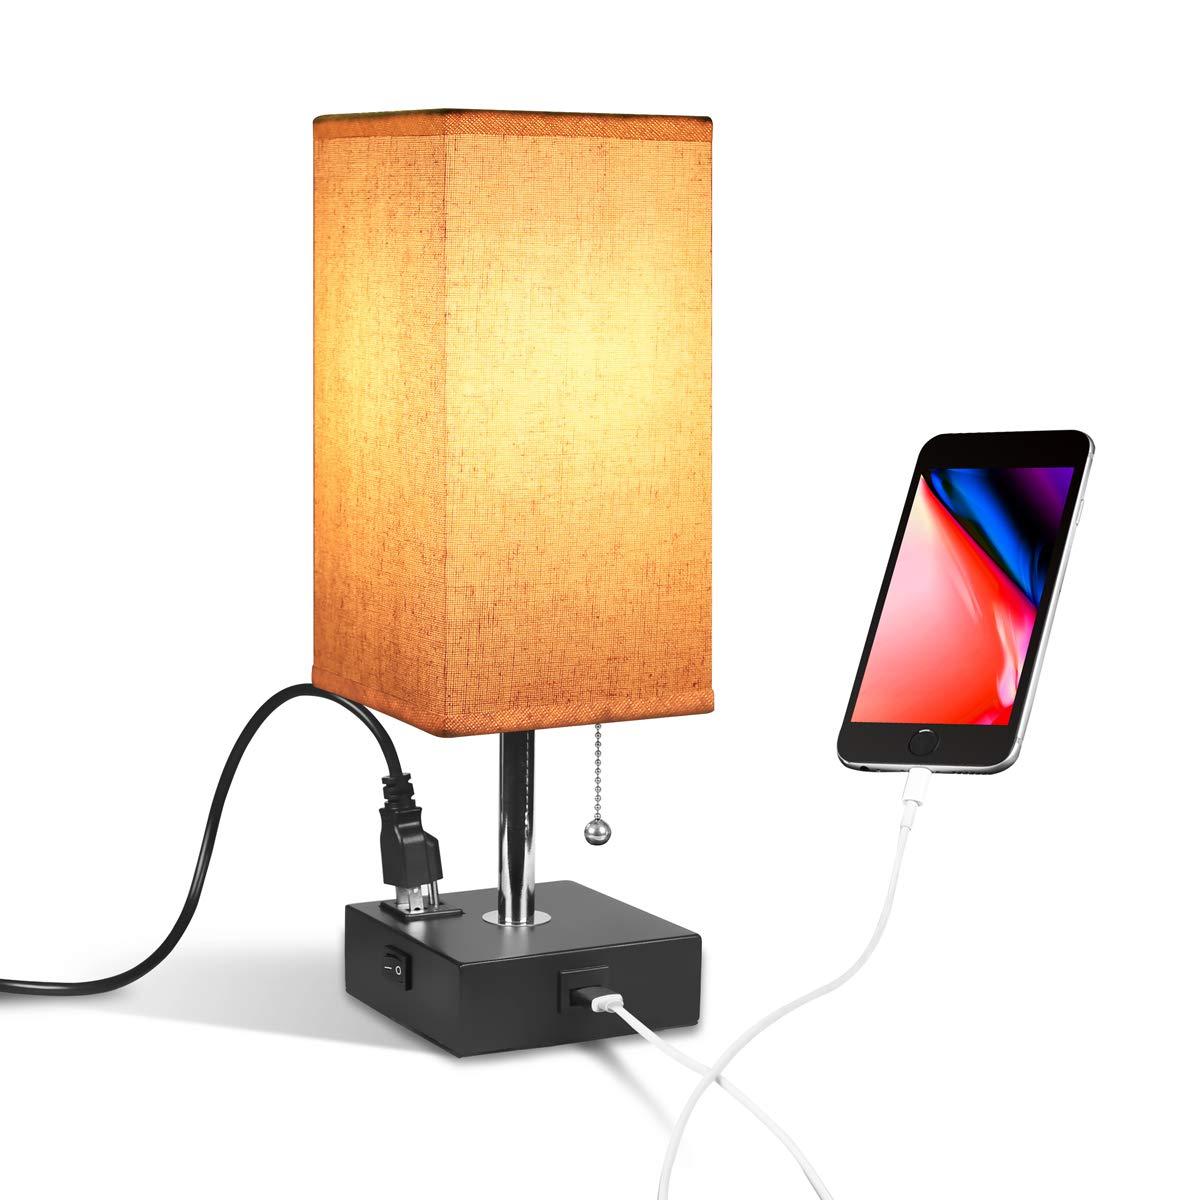 Amazon.com: Acaxin Lámpara de mesilla de noche de madera ...